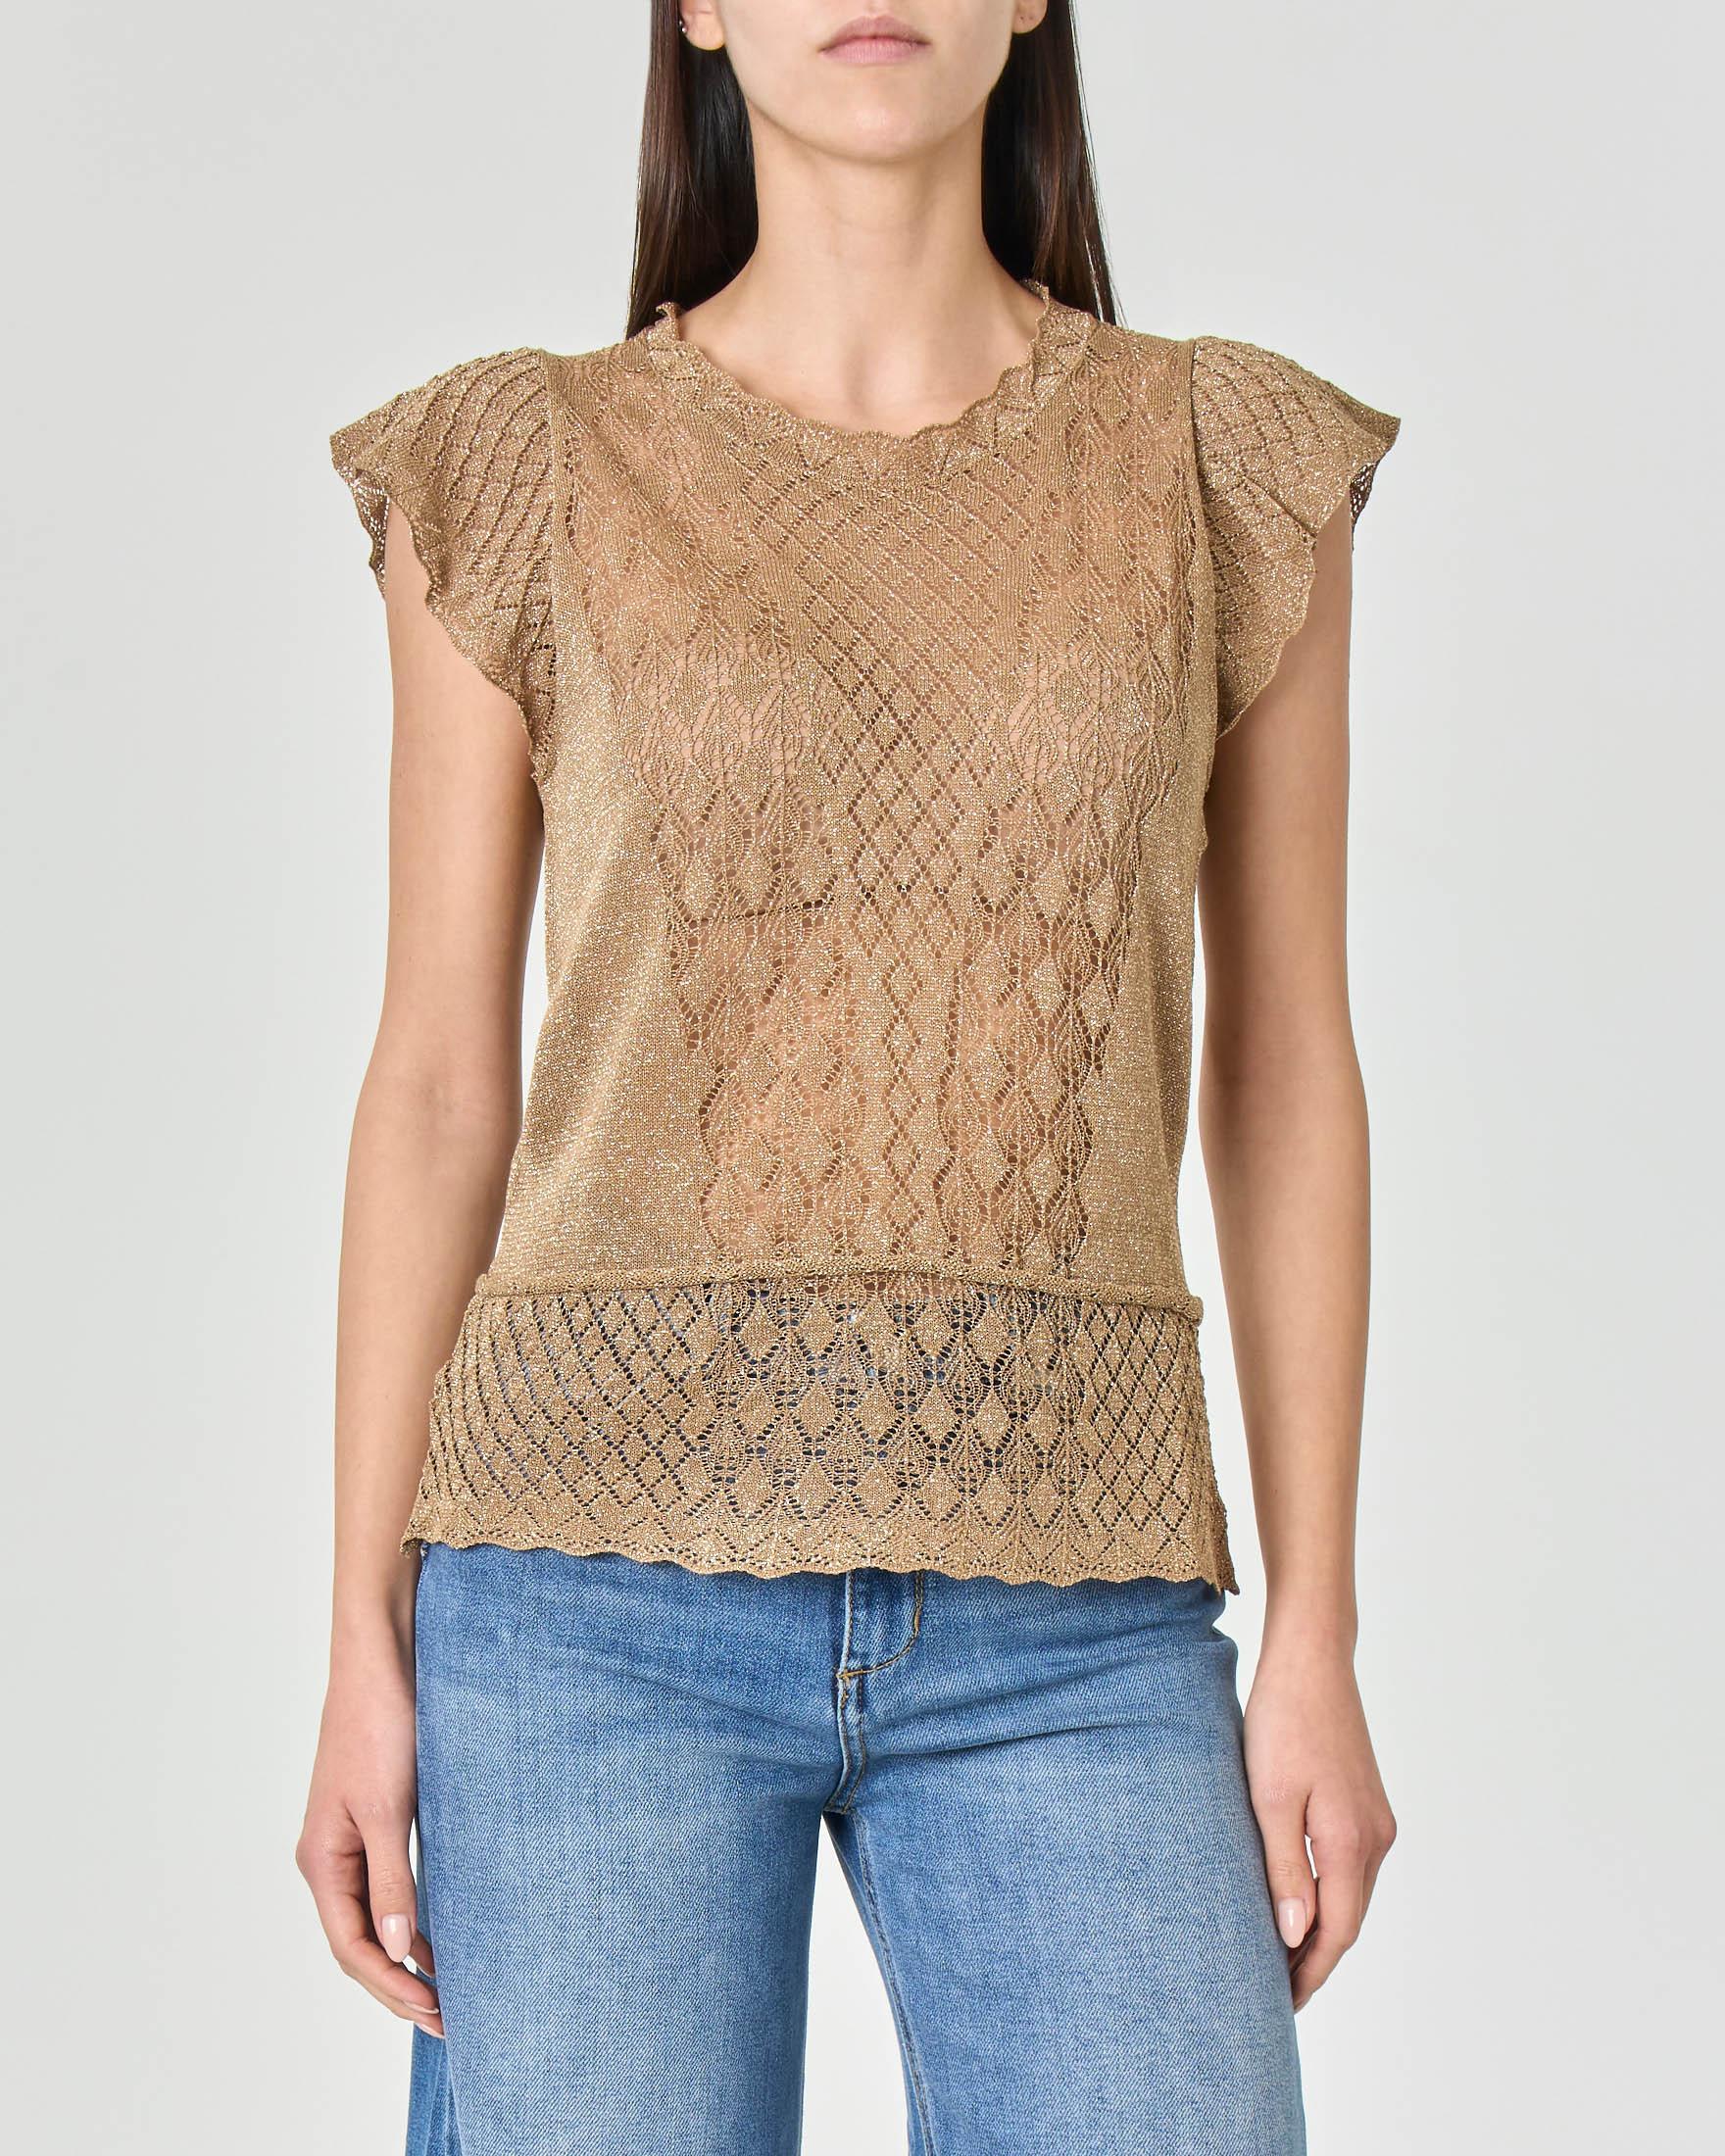 Top a maglia traforata in viscosa stretch color oro con maniche ad aletta